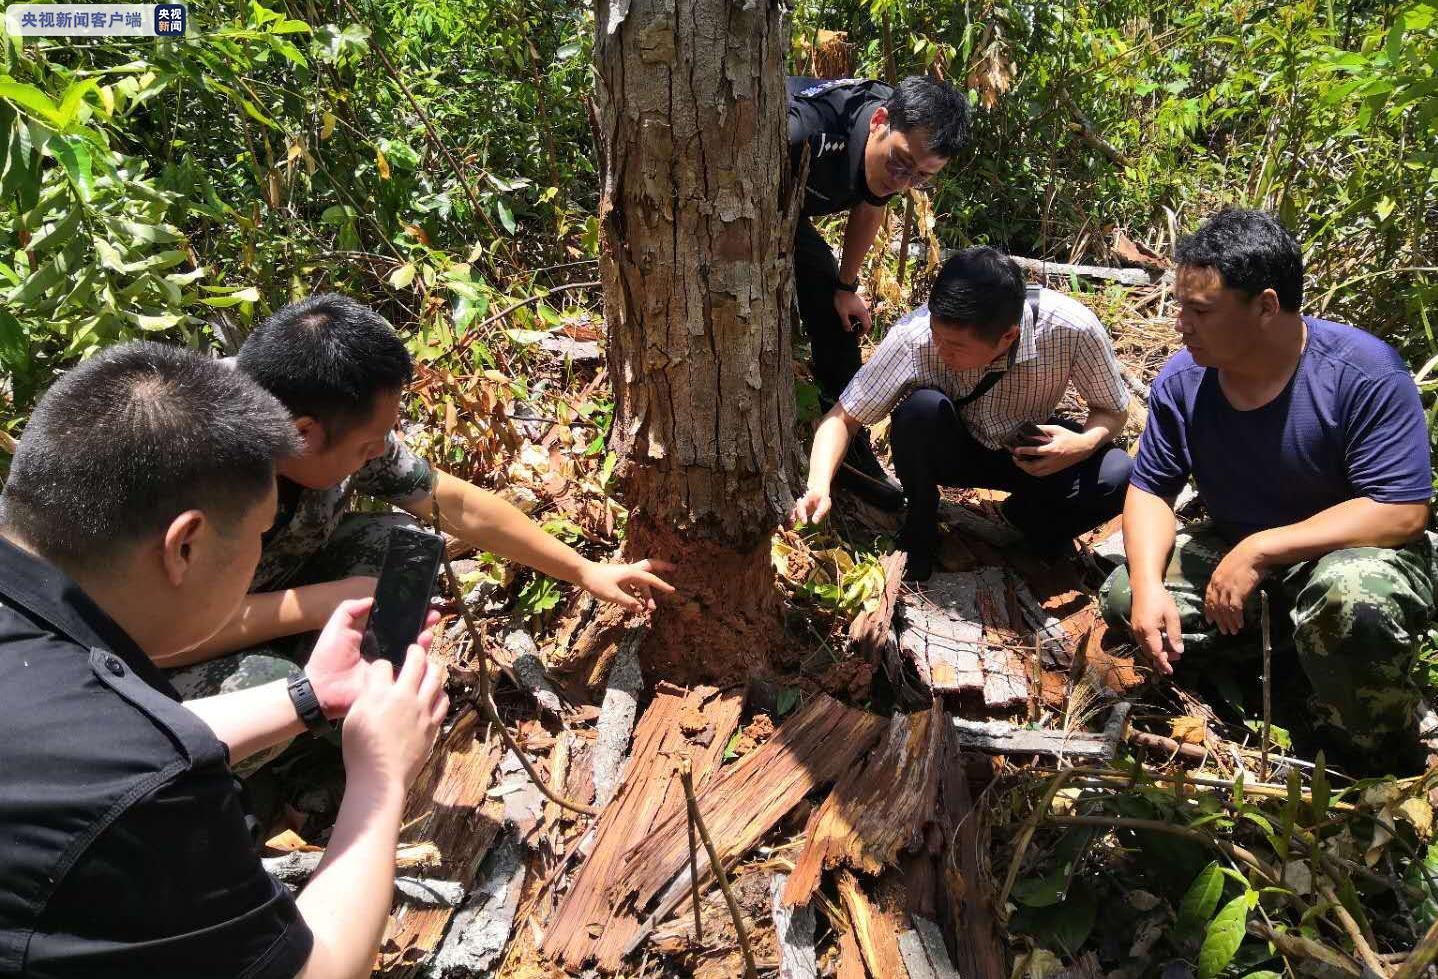 冲击合法陵犯林地种茶造林 云南备案1061起打处837人